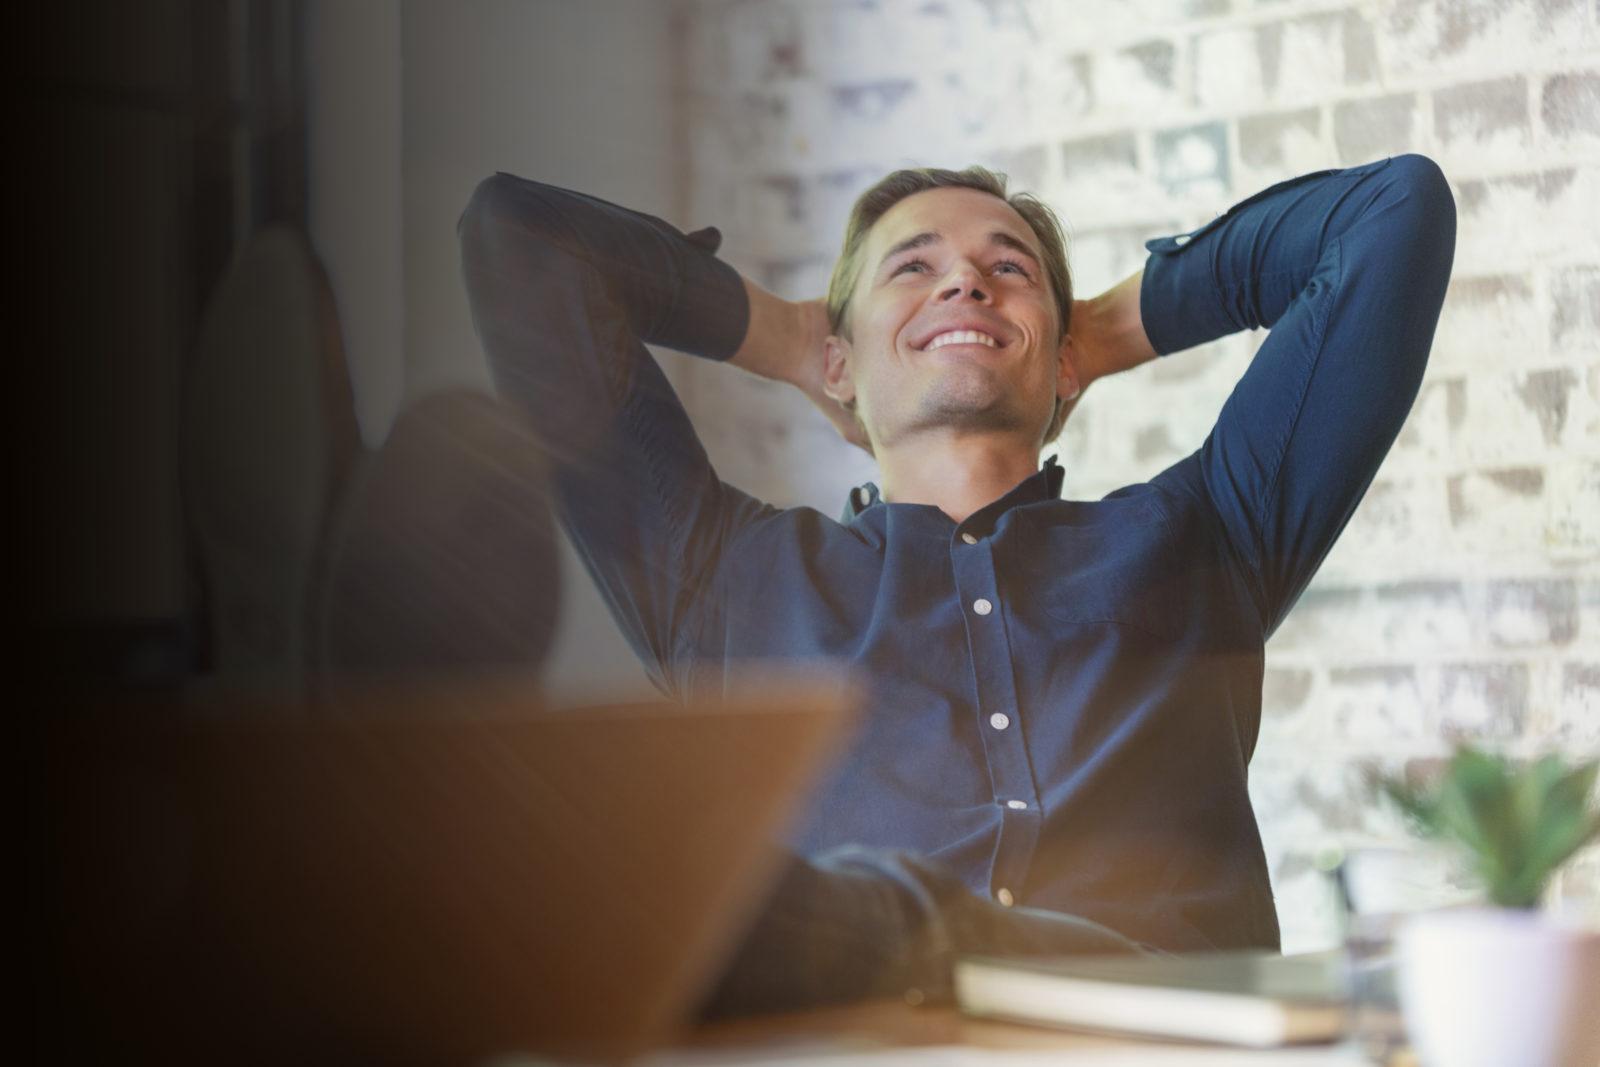 Young businessman enjoying his success